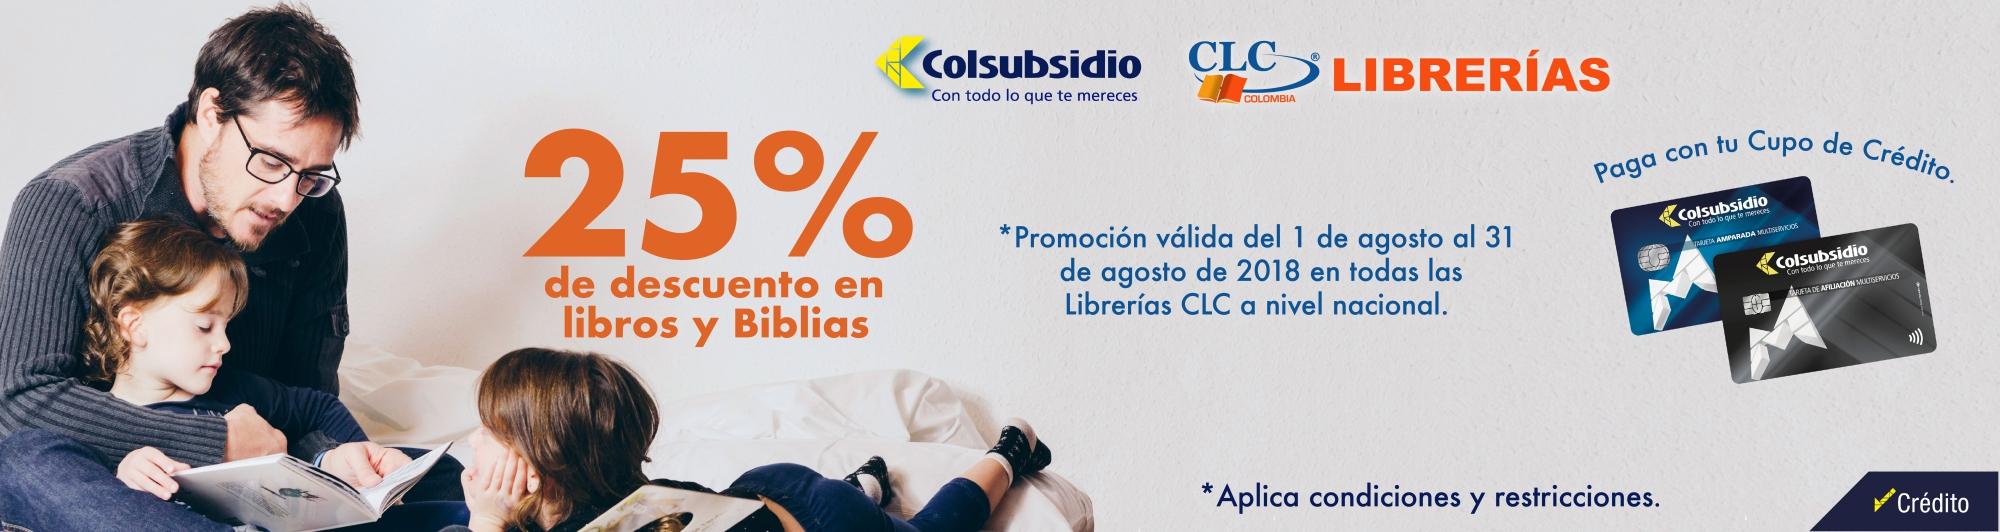 libreria clc redes 2018-02